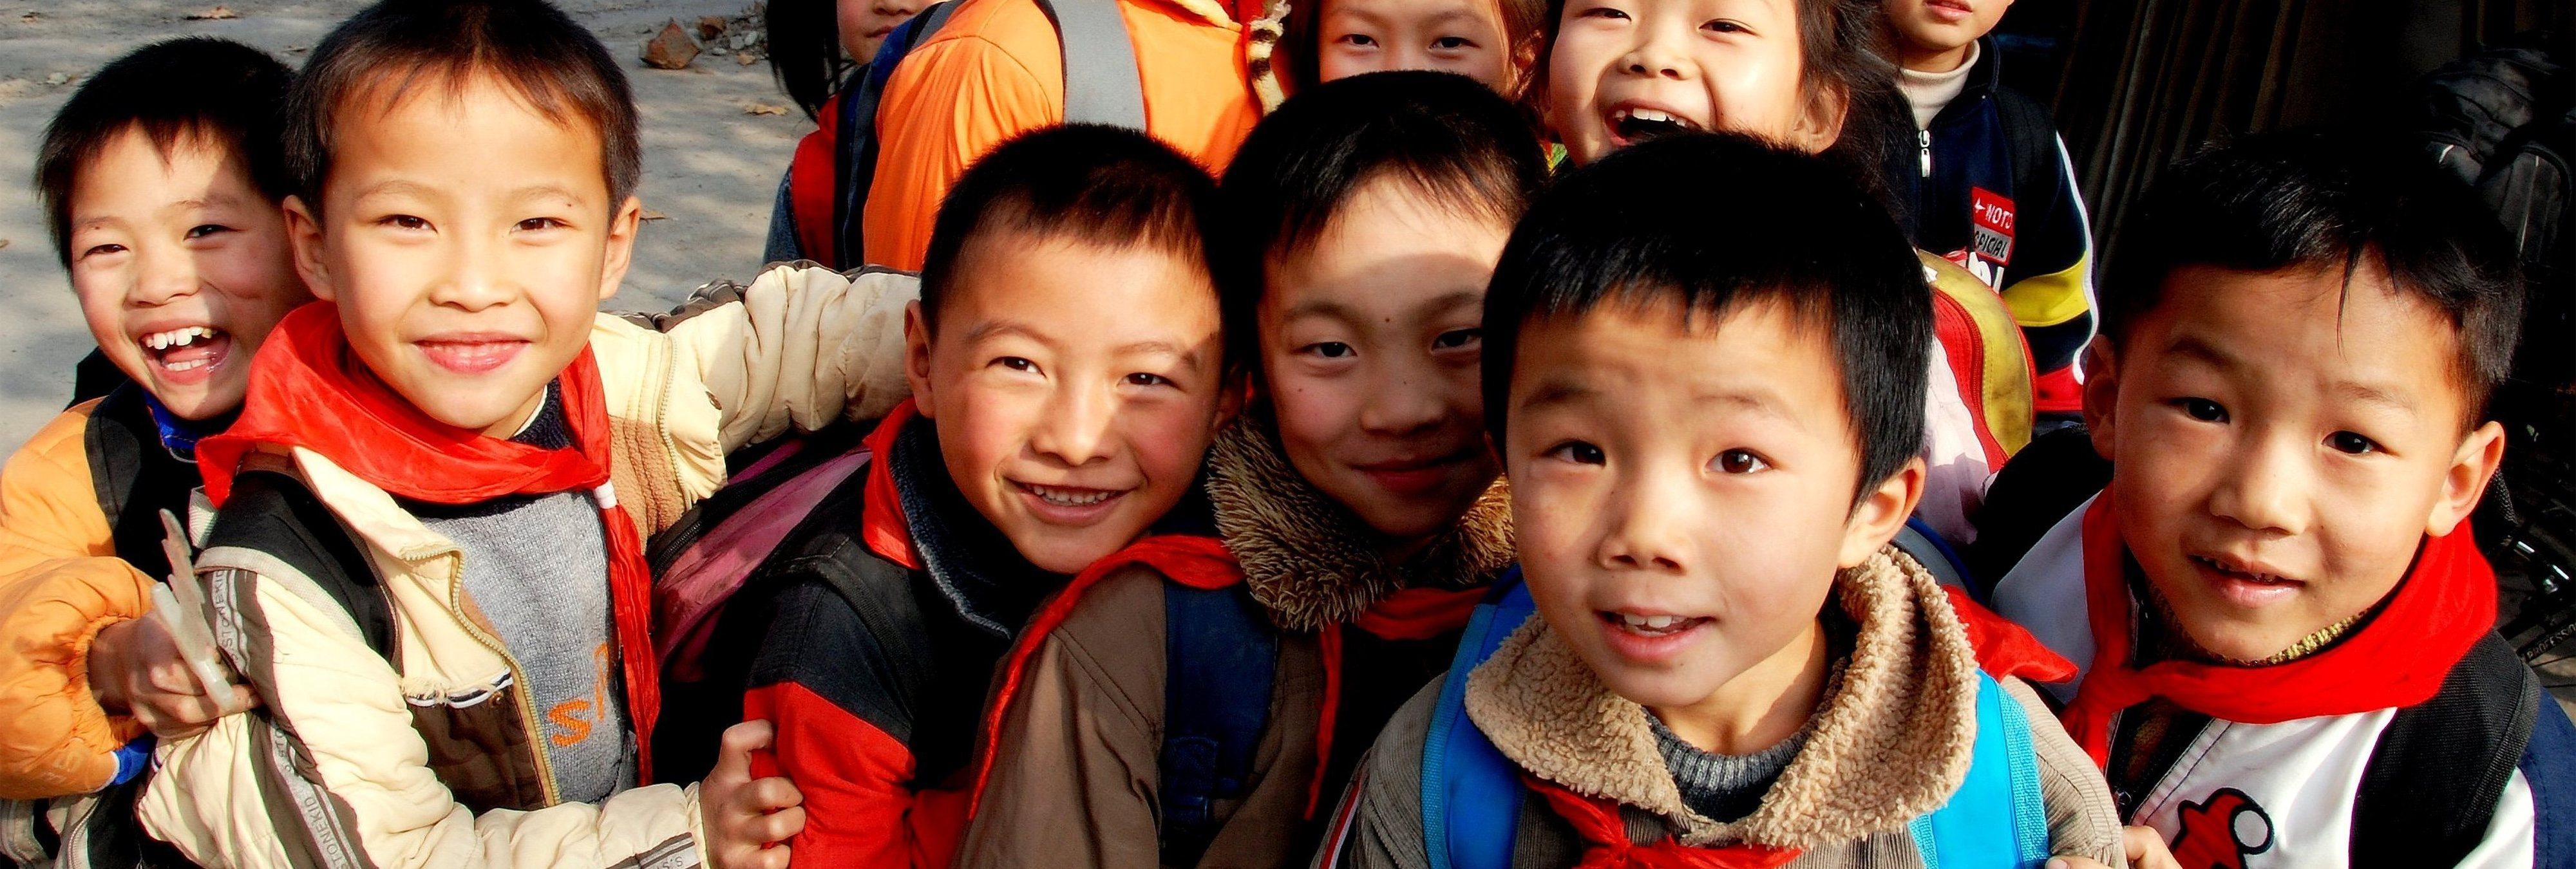 China: los vergonzosos campos de entrenamiento para 'masculinizar' menores